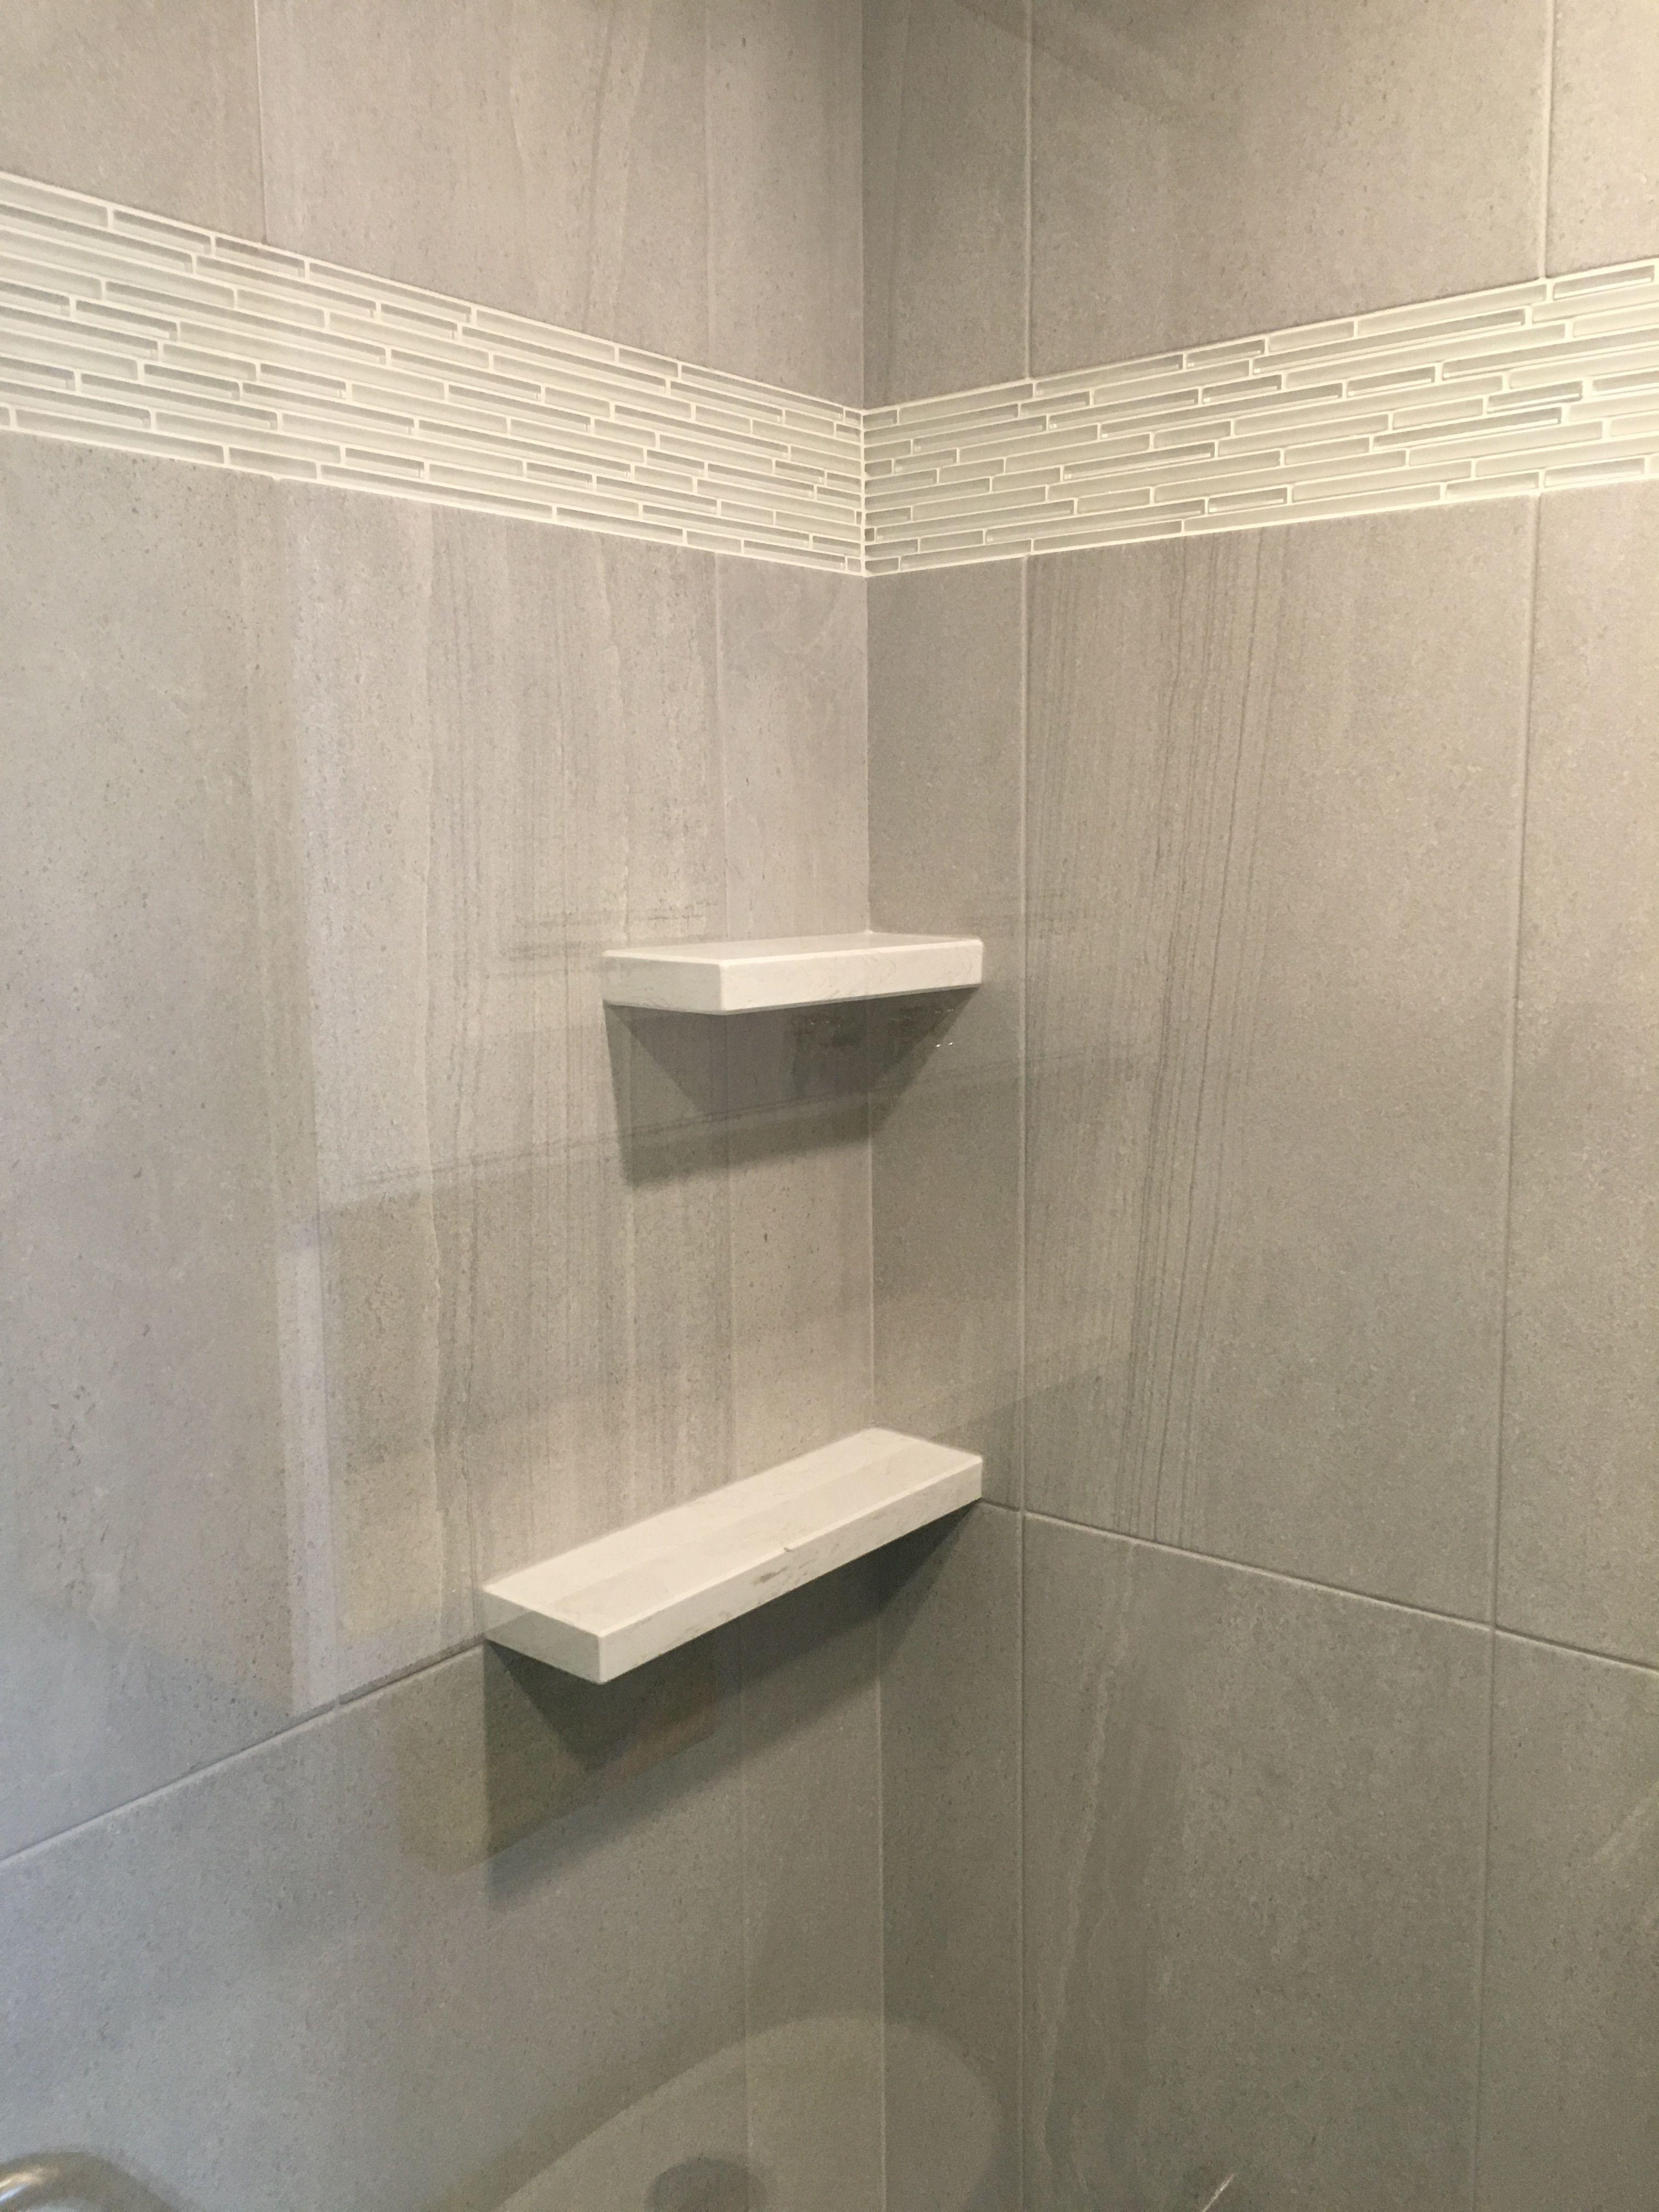 Quartz Shower Shelves With Images Bathroom Redesign Shower